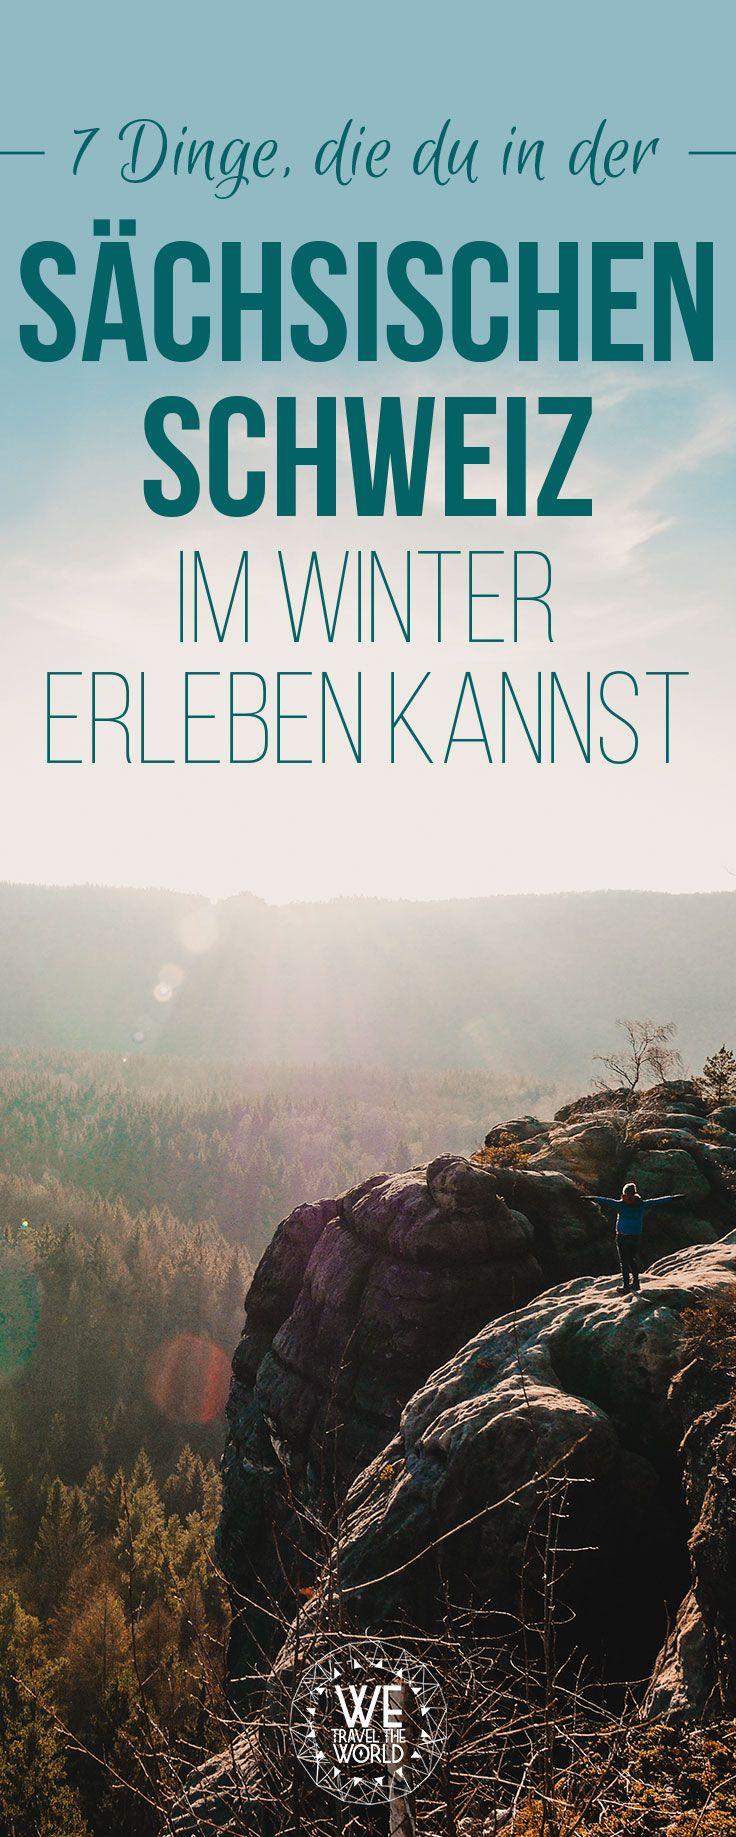 Urlaub in der Sächsischen Schweiz in Deutschland im Winter. Hier erfährst du was du zu dieser Jahreszeit alles auf deinem Kurzurlaub erleben kannst. #reisetipps #kurztripp